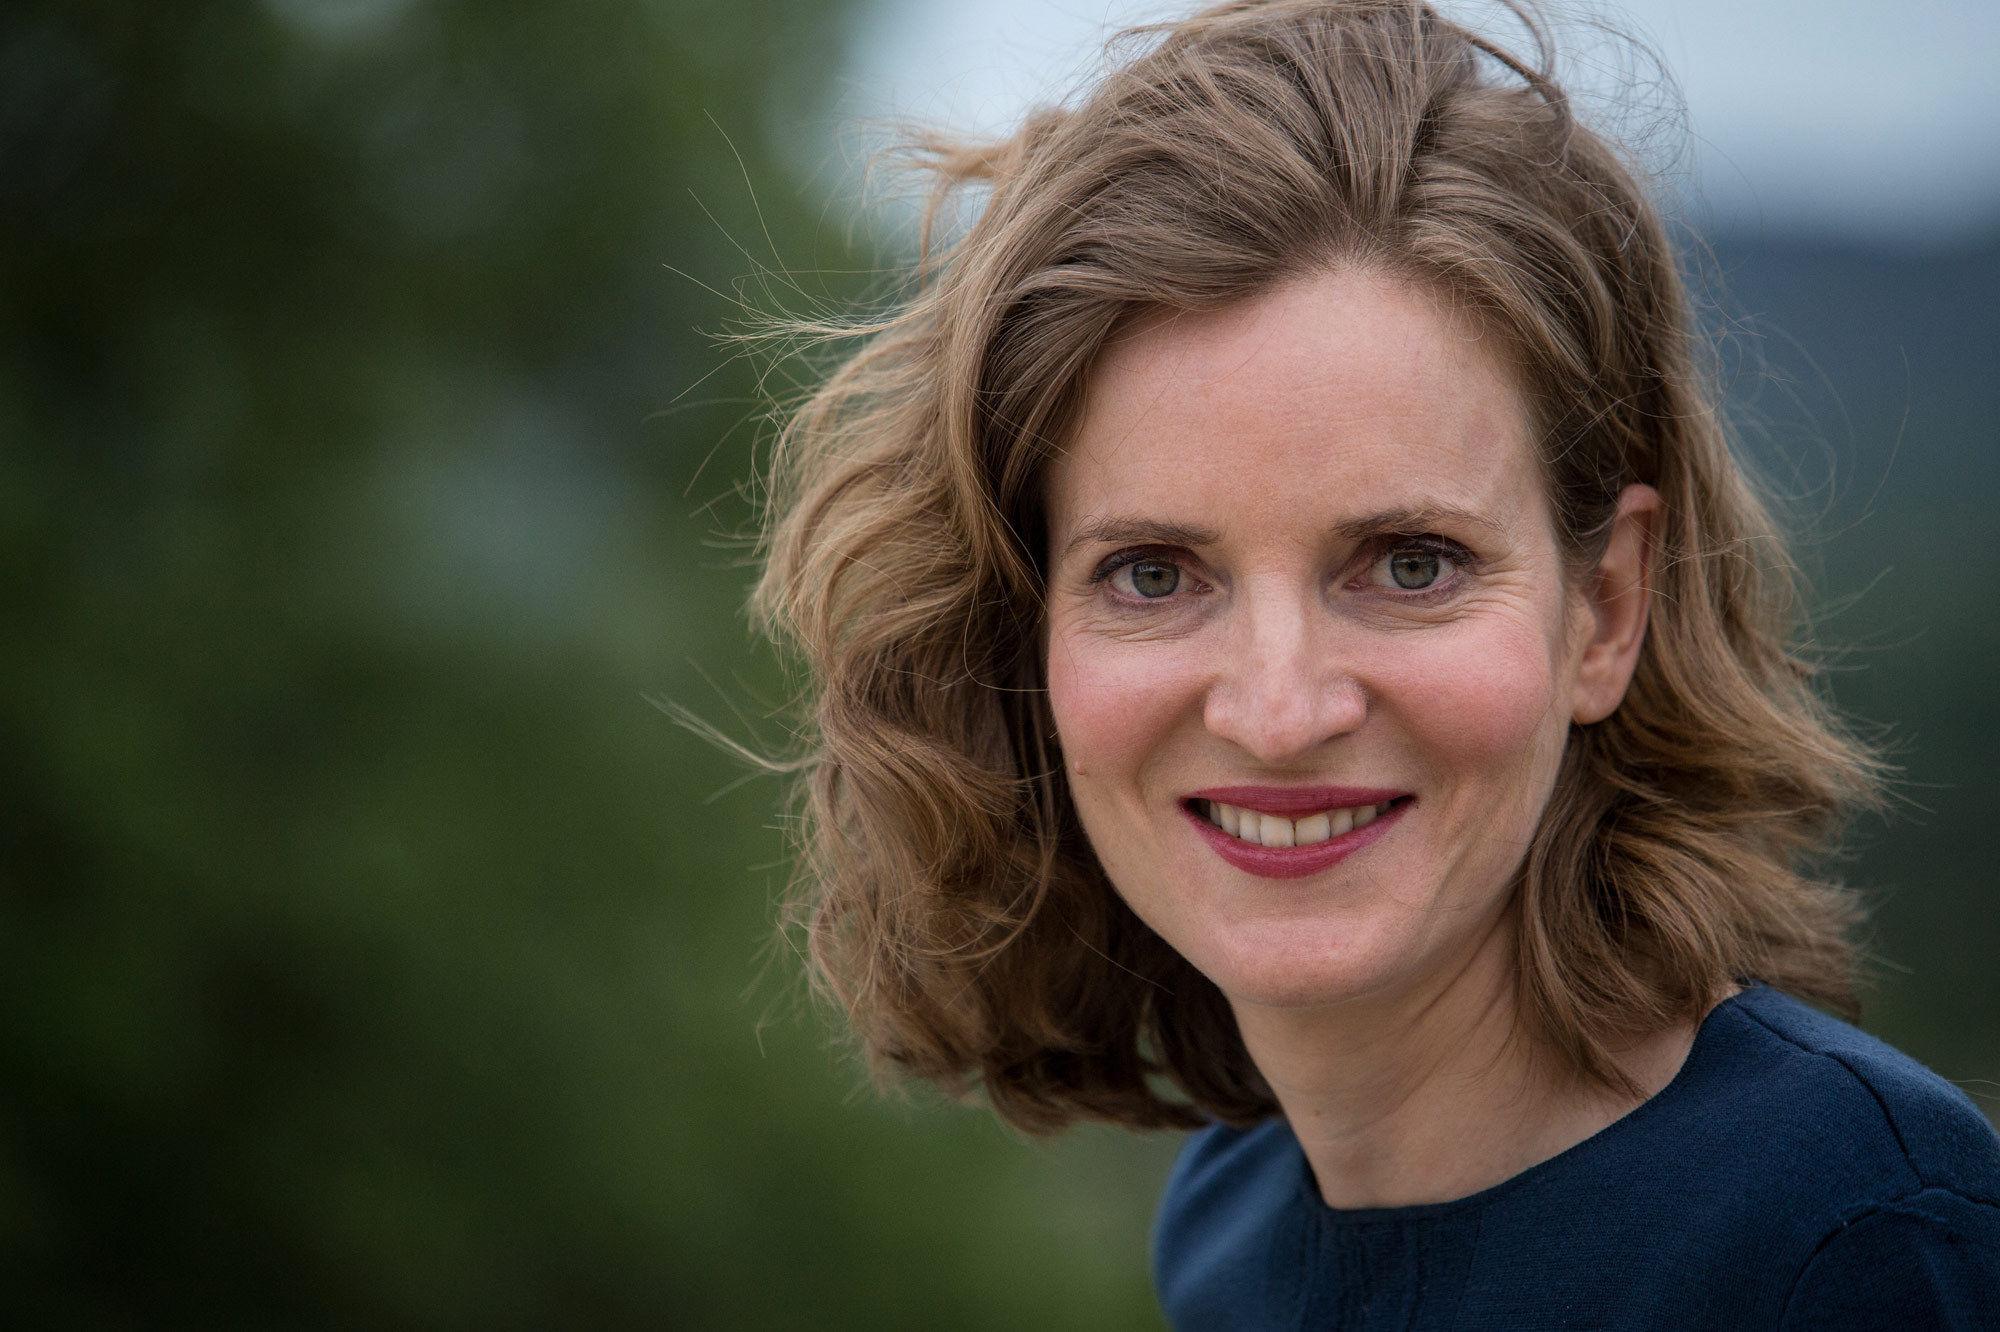 Nathalie Kosciusko-Morizet quitte la politique pour rejoindre l'entreprise Capgemini